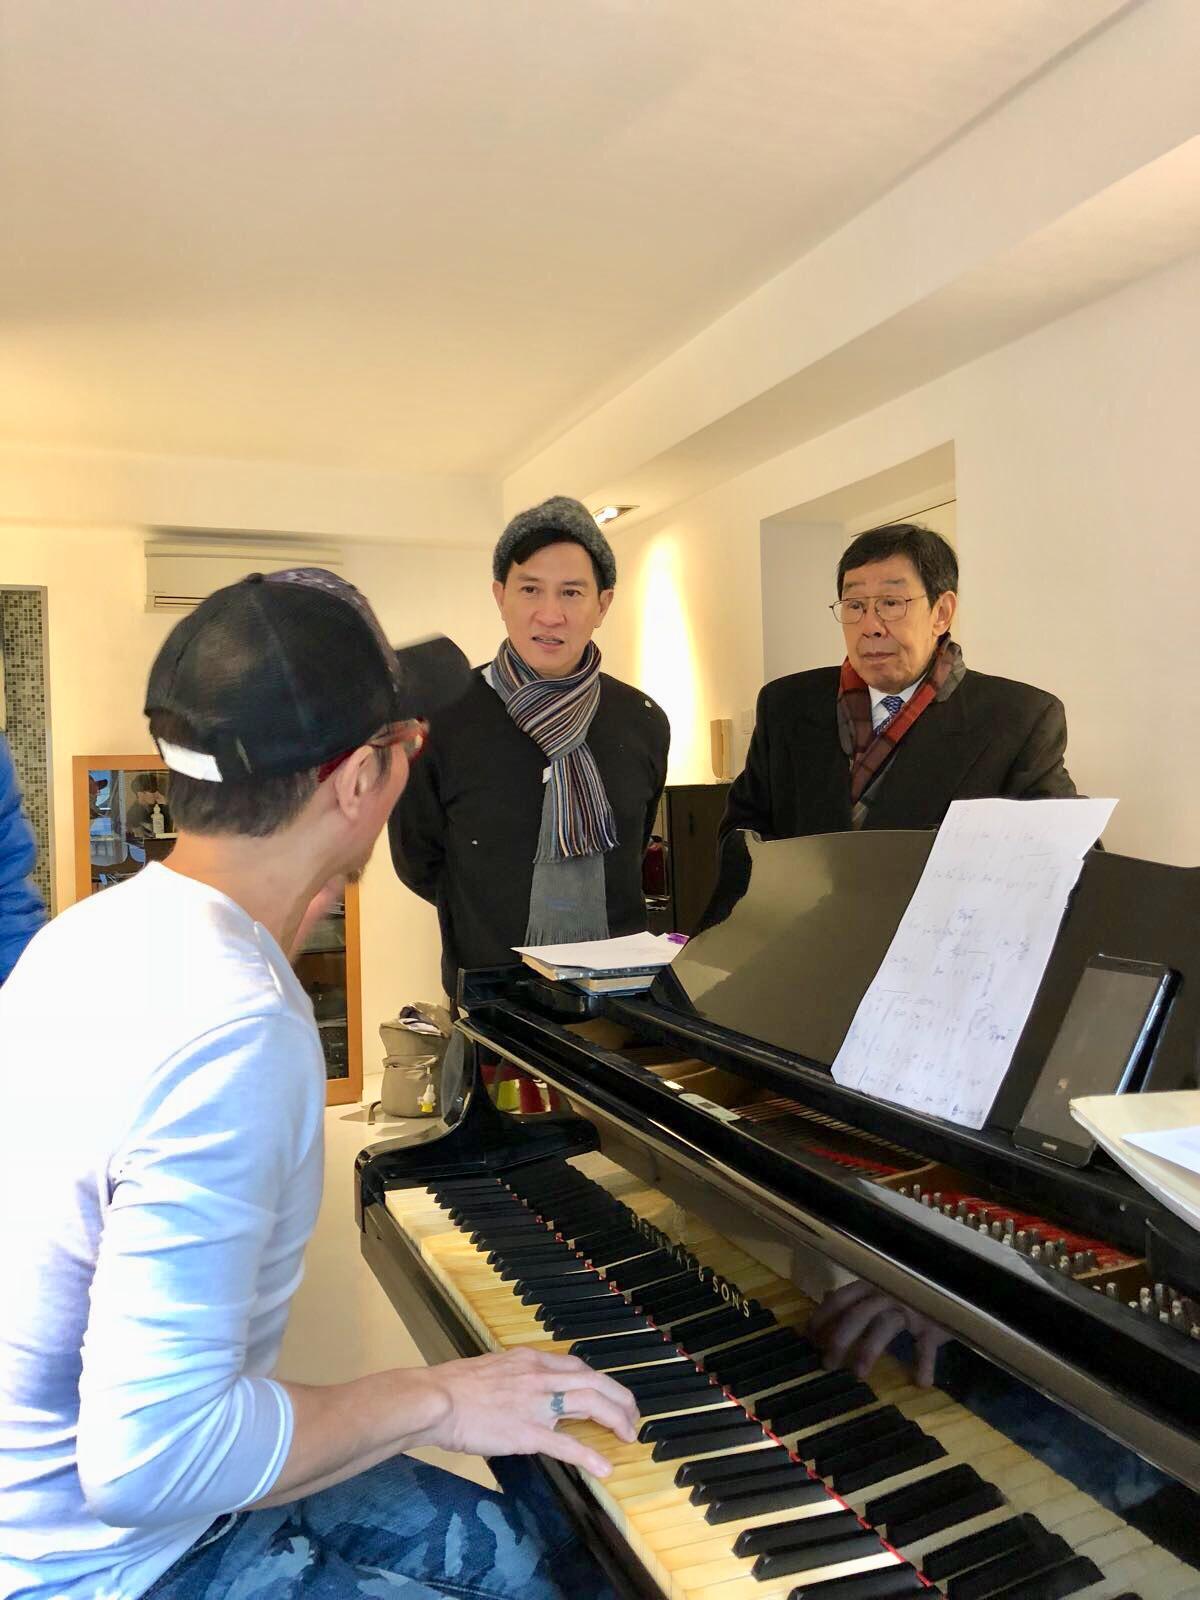 修哥演唱會的舞衣由大師陳華國設計,音樂就交給契仔周啟生負責。